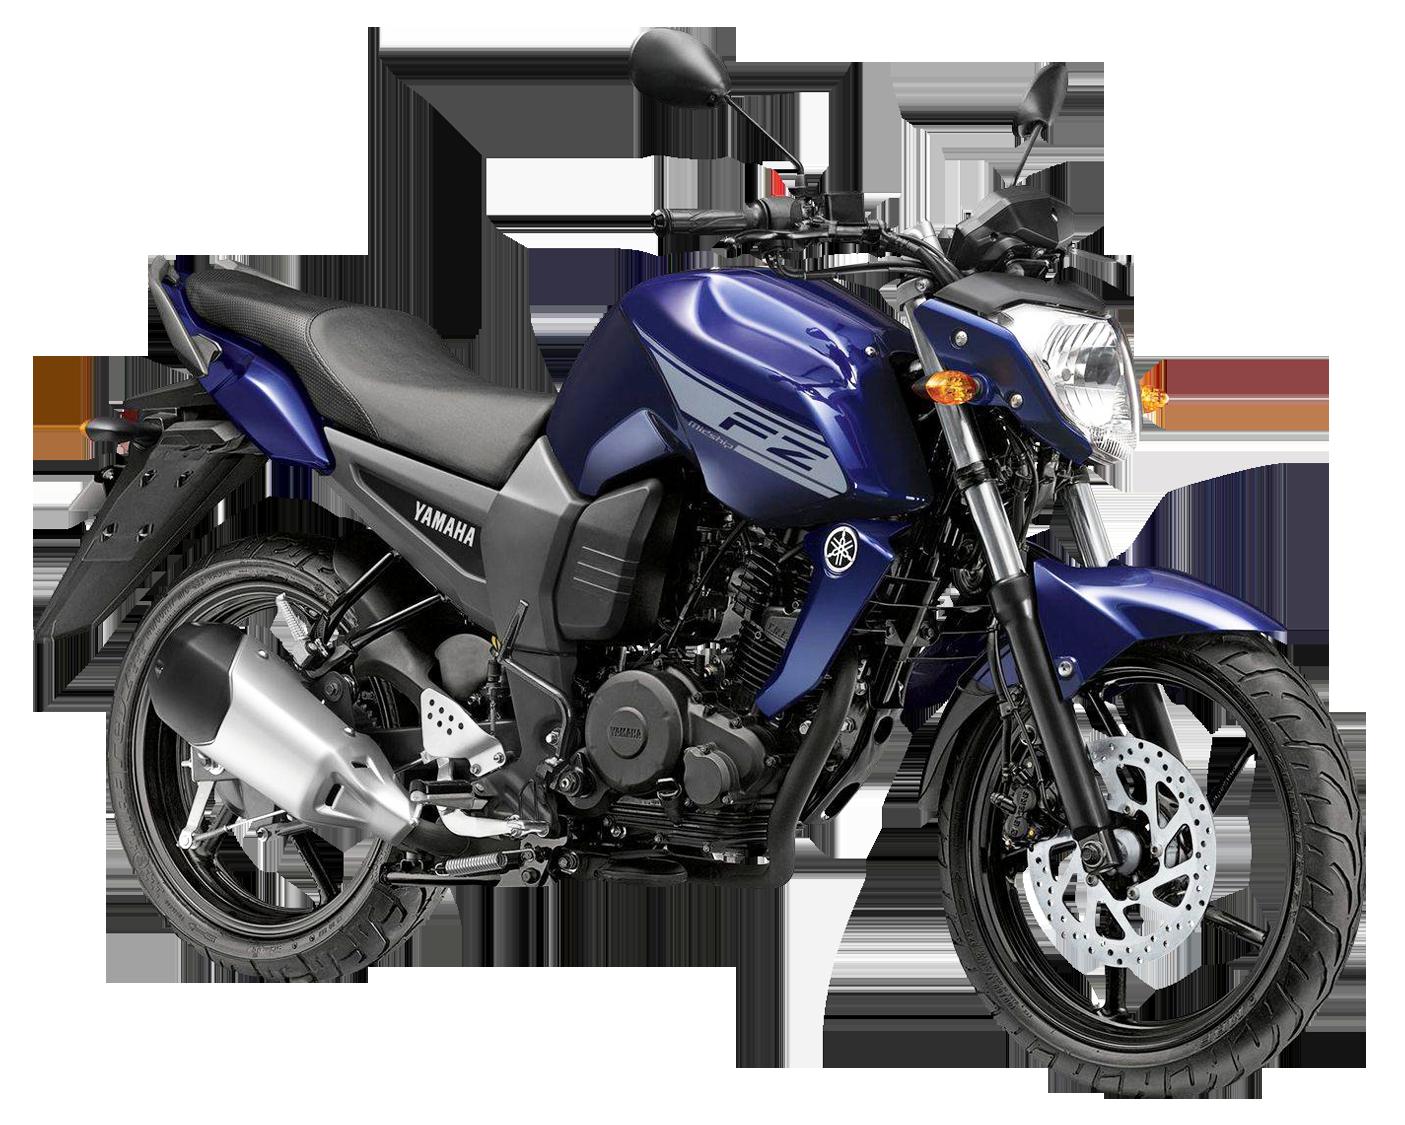 Yamaha R6 PNG Image